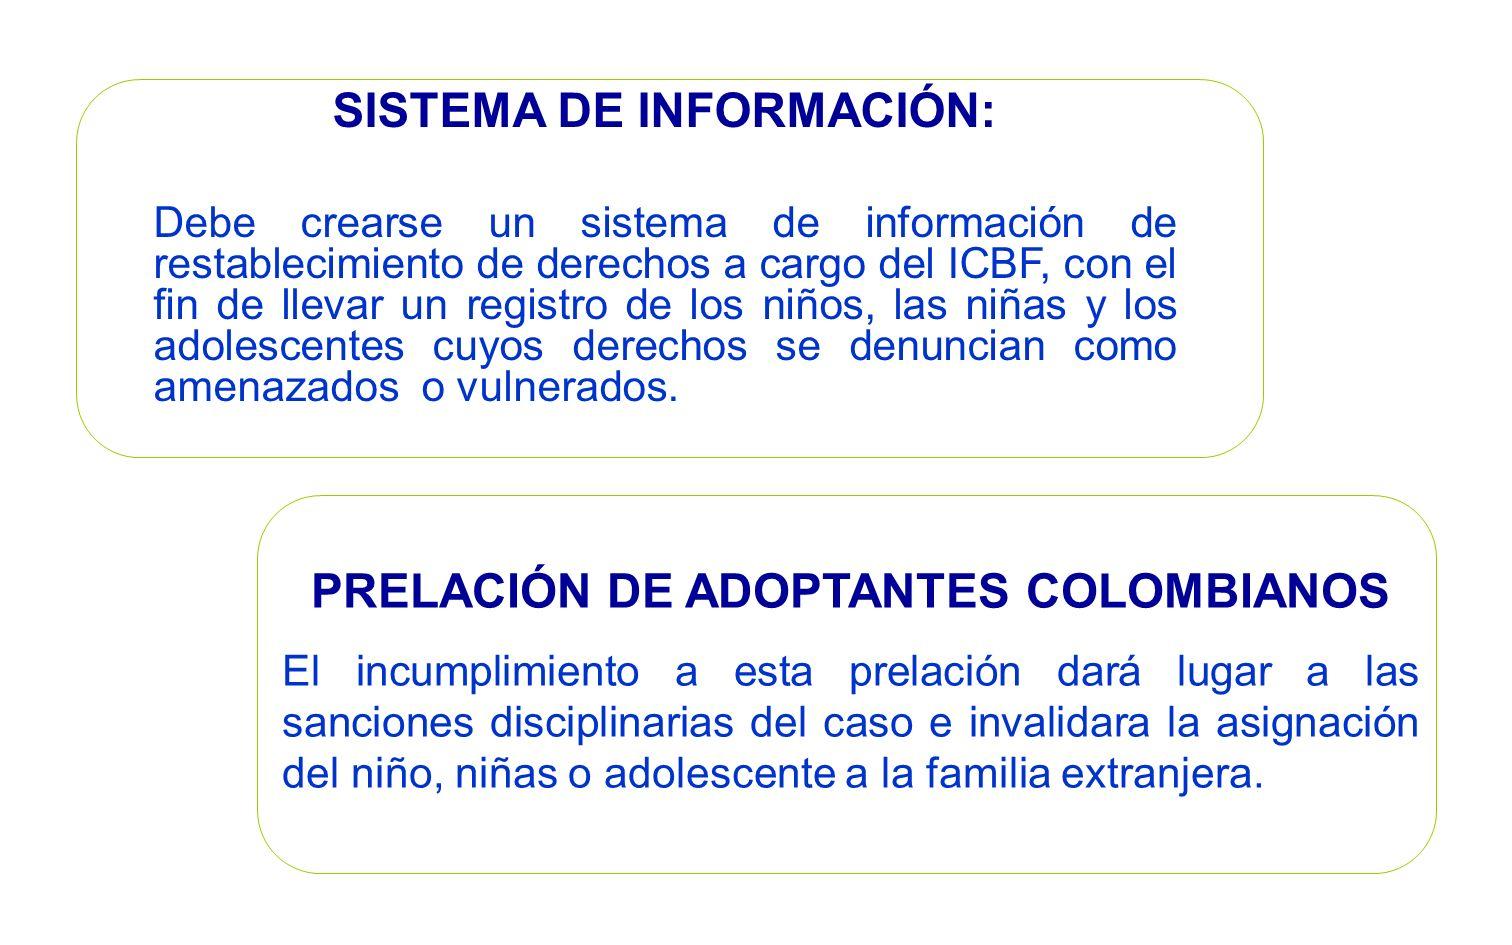 PRELACIÓN DE ADOPTANTES COLOMBIANOS El incumplimiento a esta prelación dará lugar a las sanciones disciplinarias del caso e invalidara la asignación d